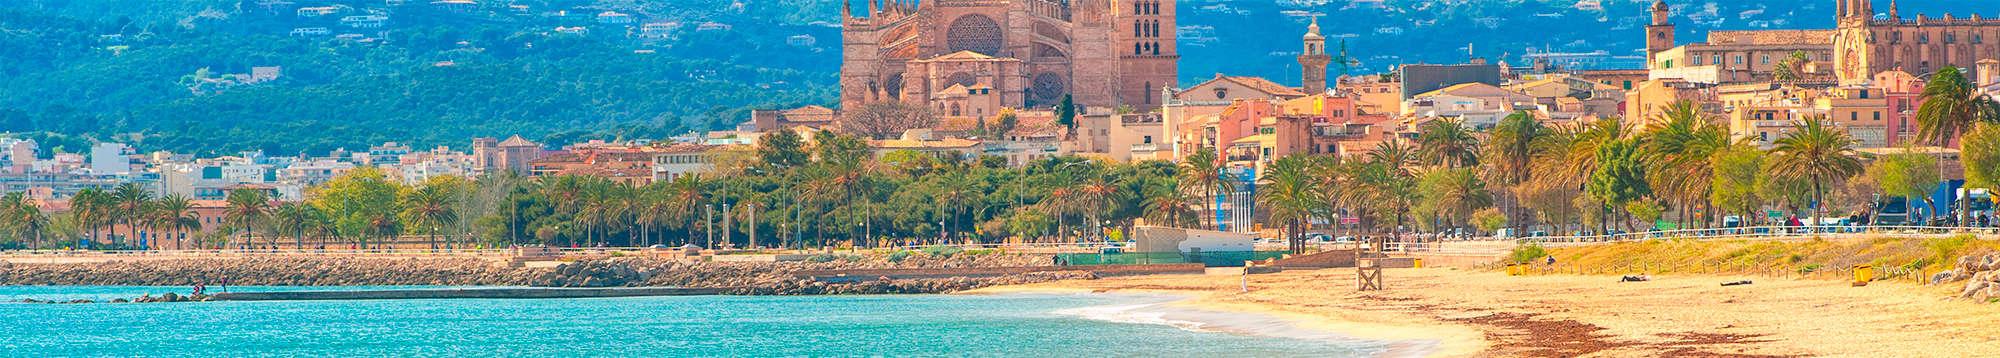 Week-end et séjour Palma de Mallorca